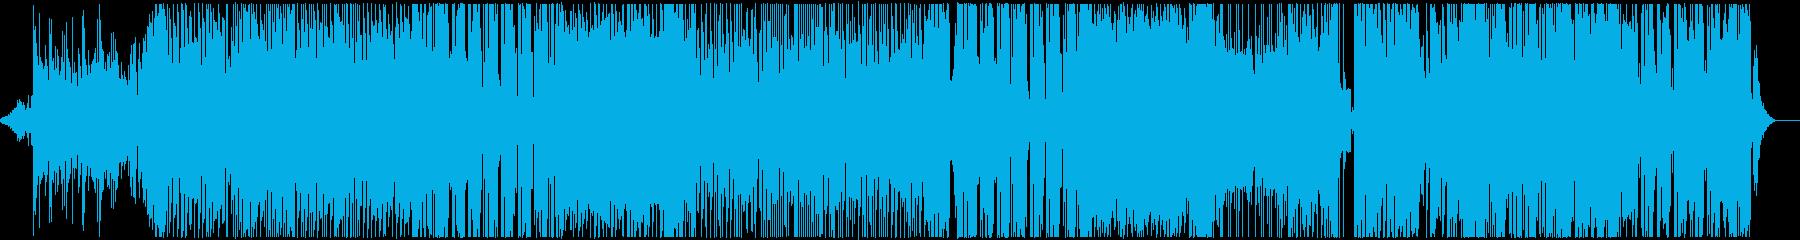 EDM系メロディアスなフューチャーベースの再生済みの波形